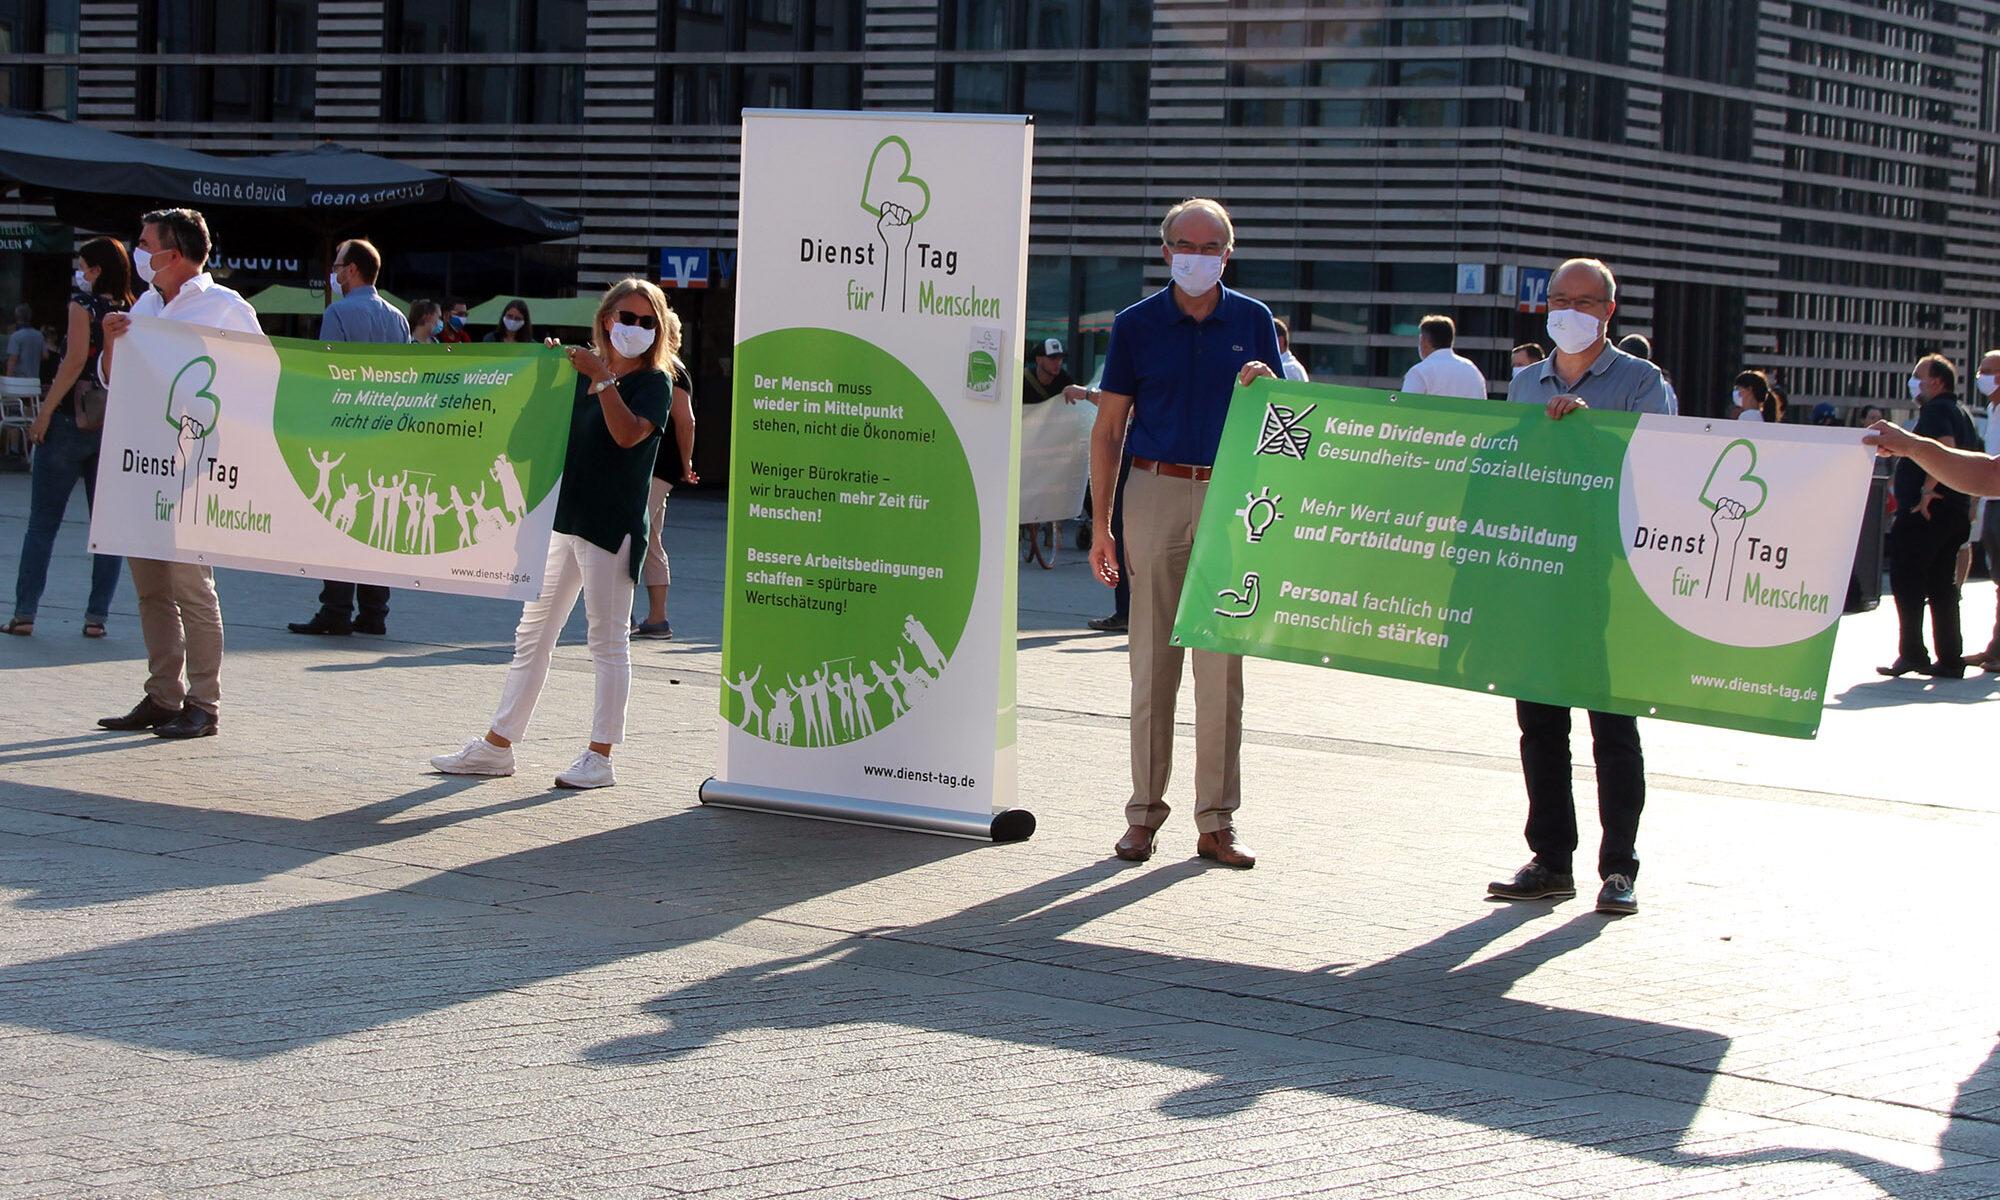 Auf dem Unteren Markt in Würzburg stehen Menschen mit Mundnasenschutz und halten Banner mit Demonstrationsforderungen.